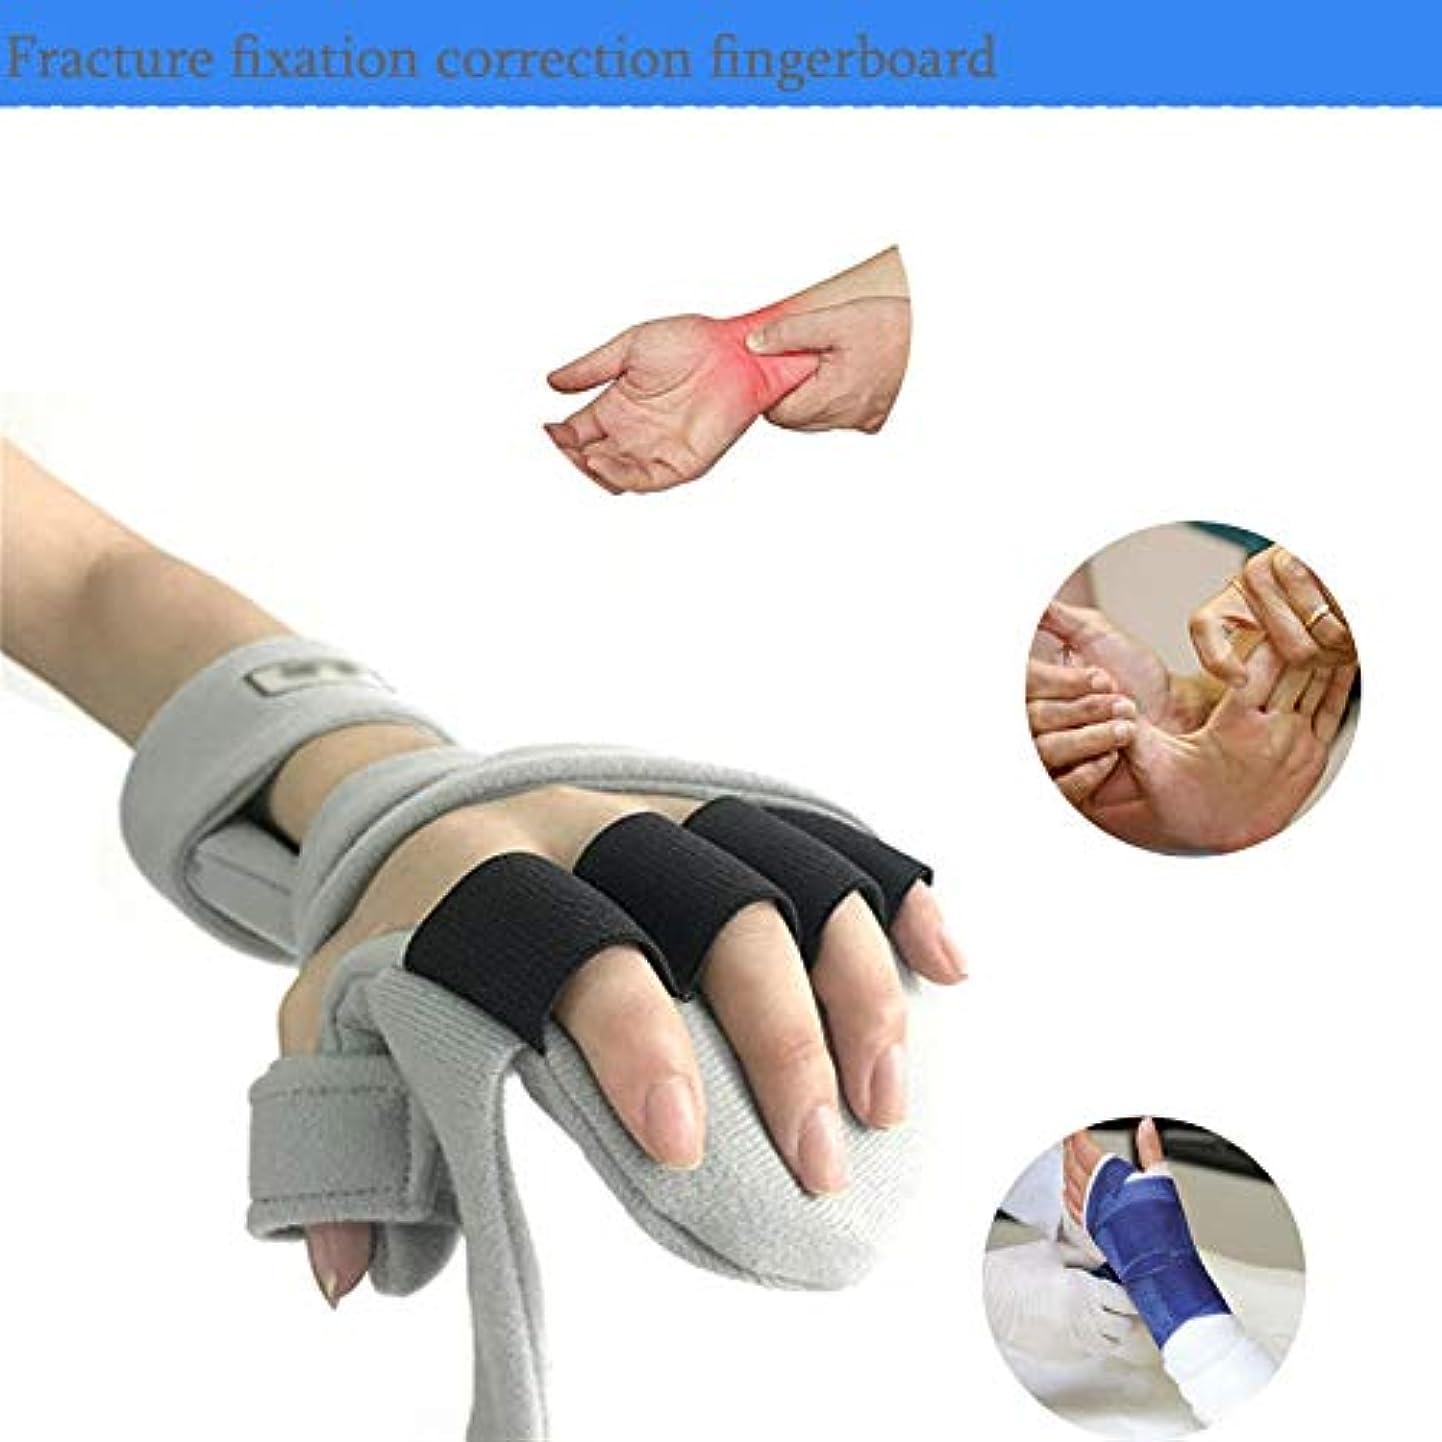 お手伝いさんラッドヤードキップリングイチゴ親指支持 - ユニバーサルデザインは、手根管、捻挫、ワンサイズのために右または左の手と調節可能な通気性ブレーススプリントに適合します